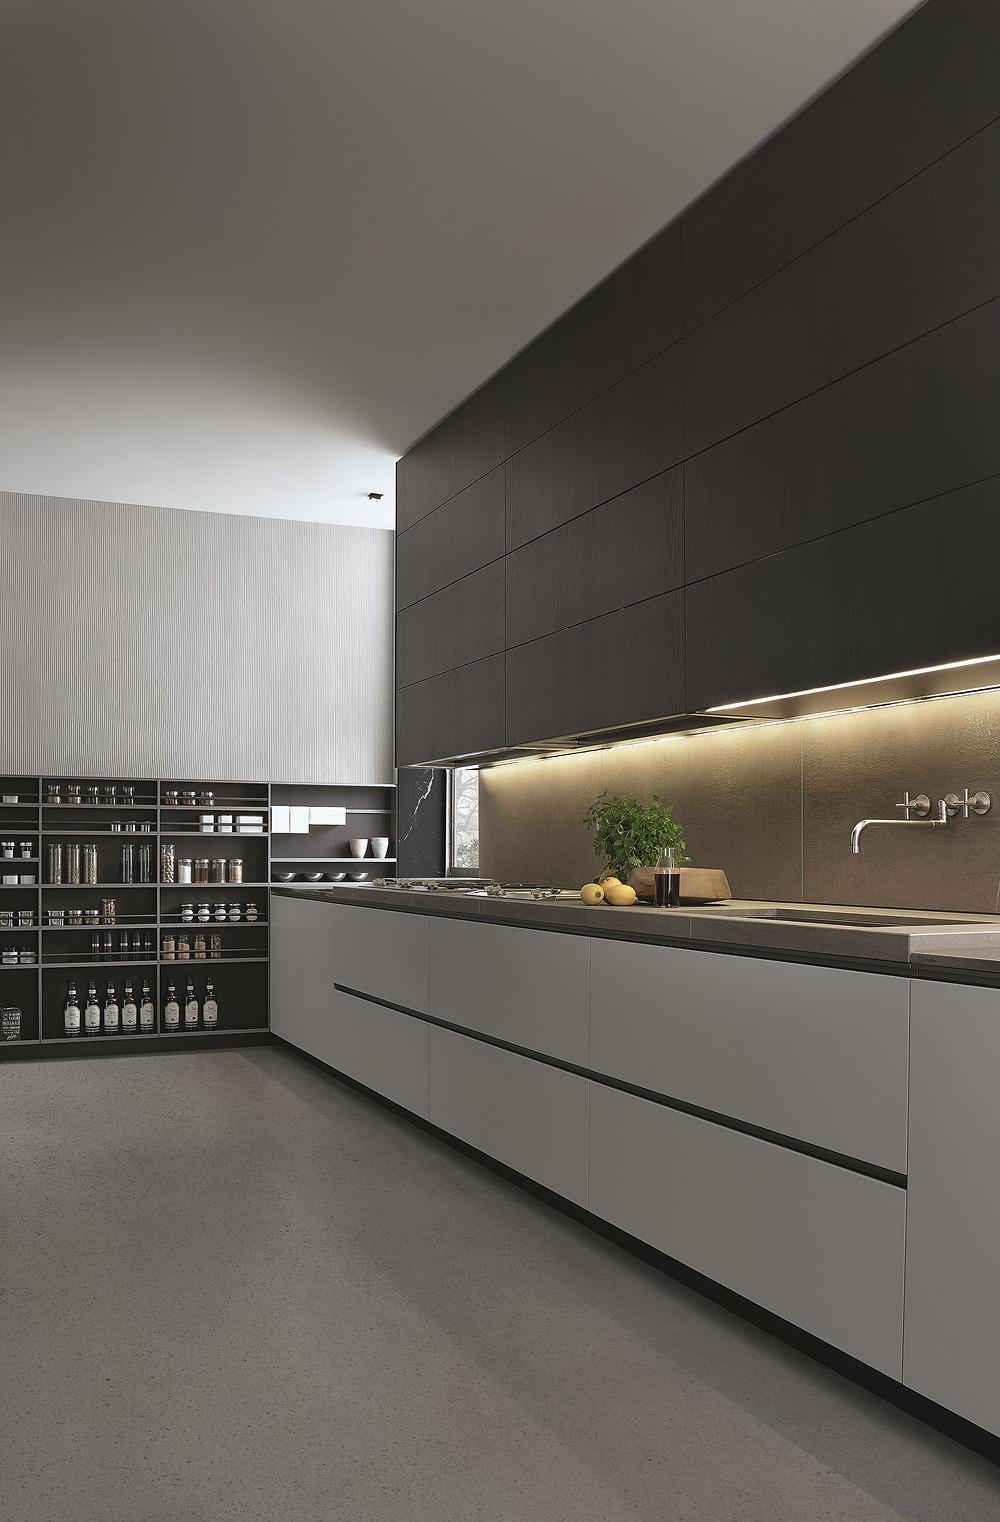 Poliform Kitchens at onepercent. Image Copyright : Poliform